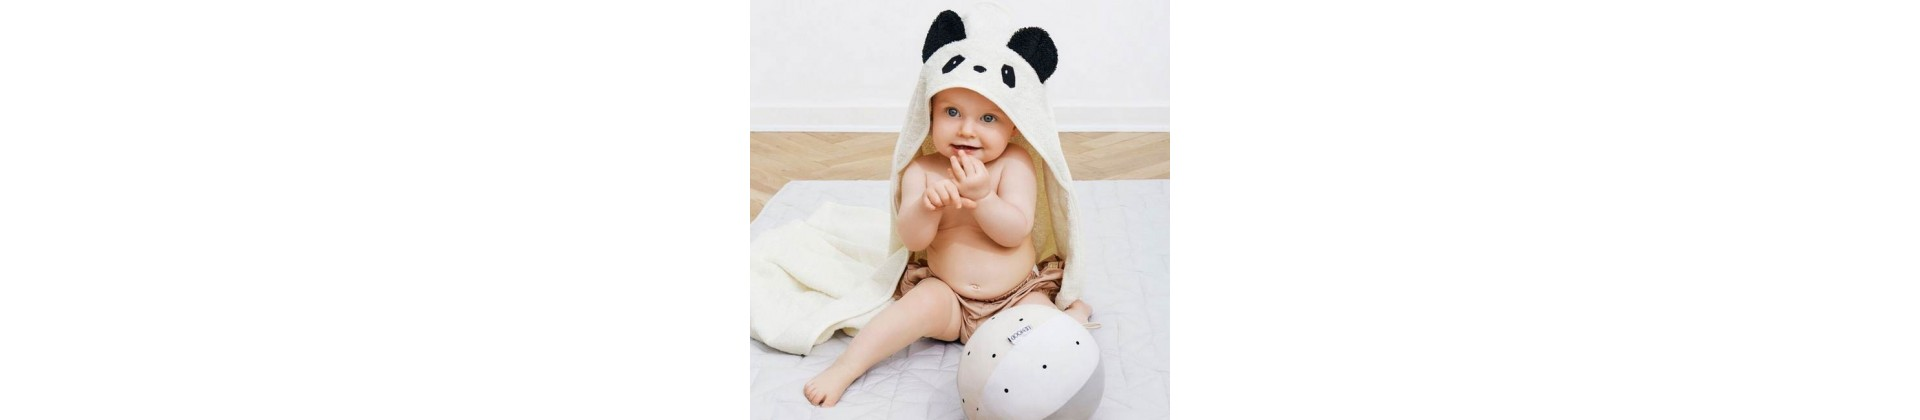 Baby bath : bath wraps, hooded baby towels, bath toys